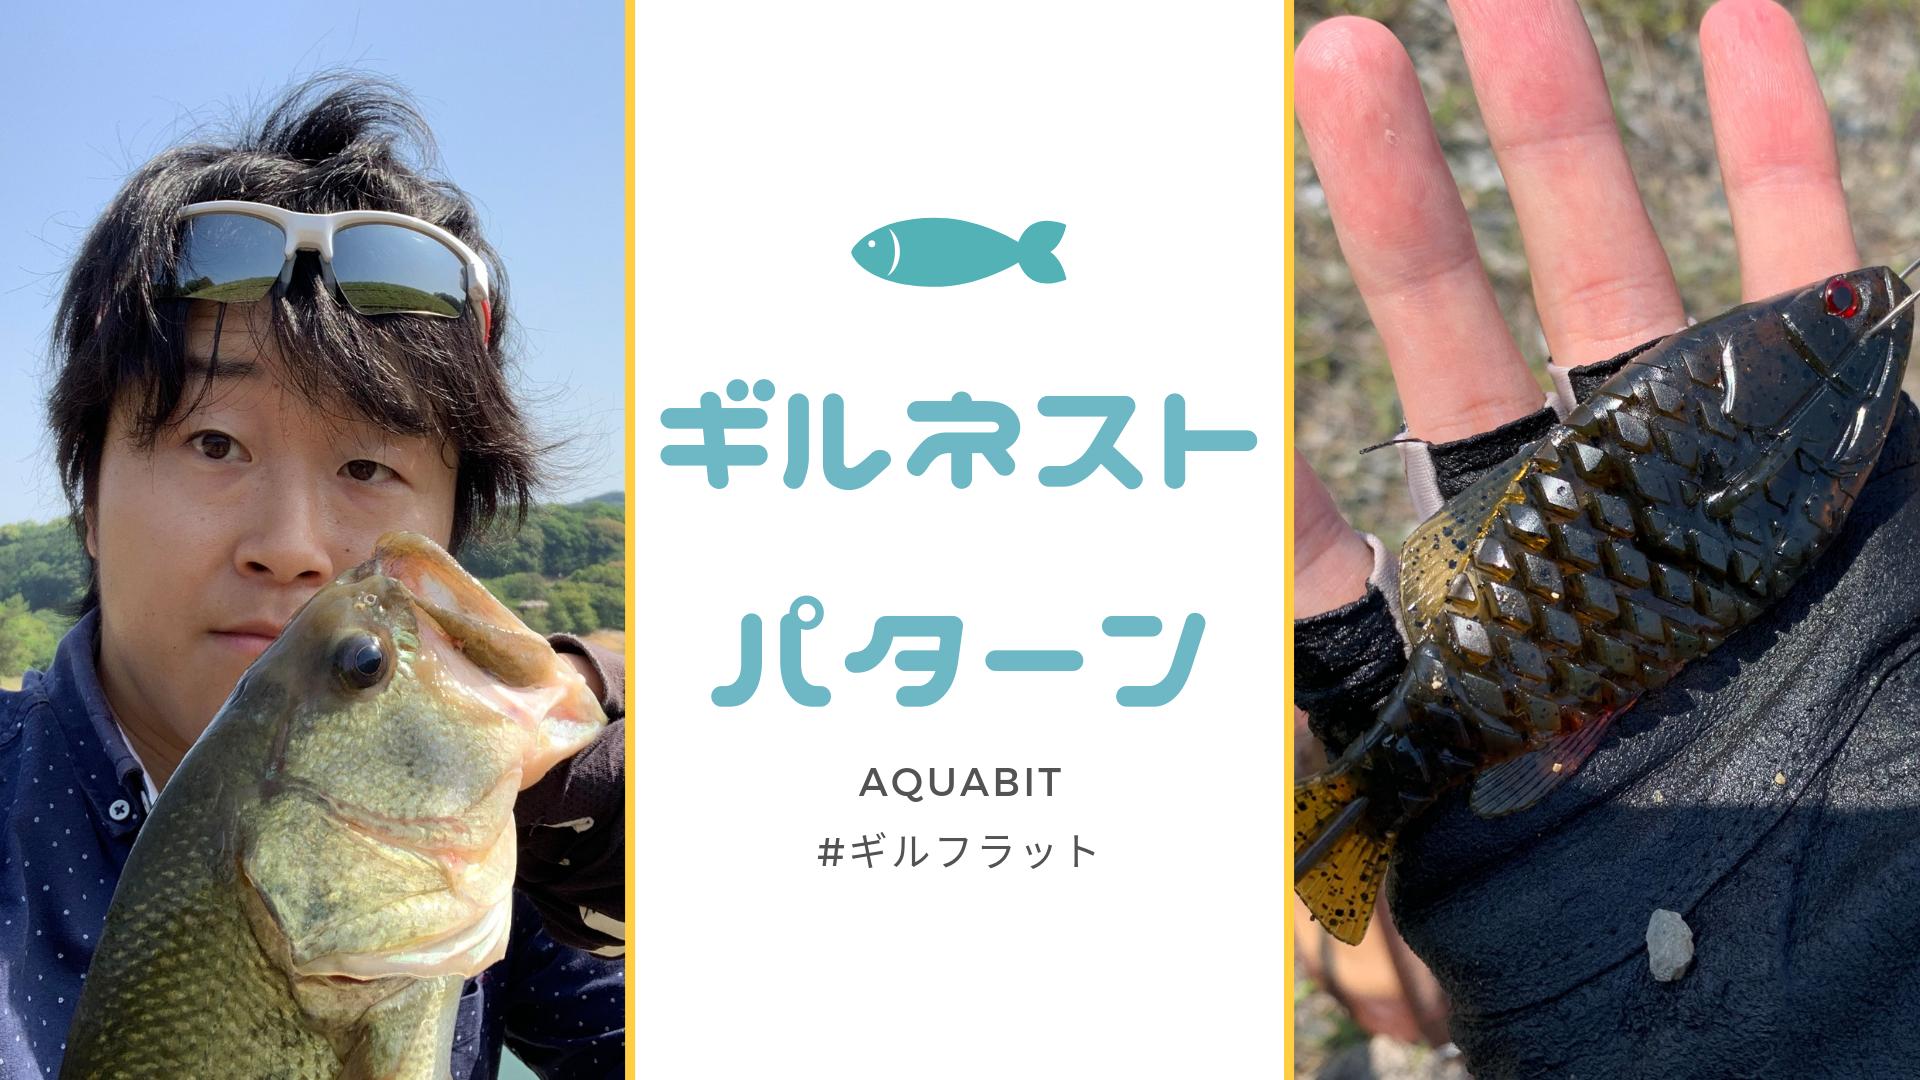 isseiの人気ギル系ワーム、ギルフラットのセッテングをご紹介!おすすめはギルネストパターン!!